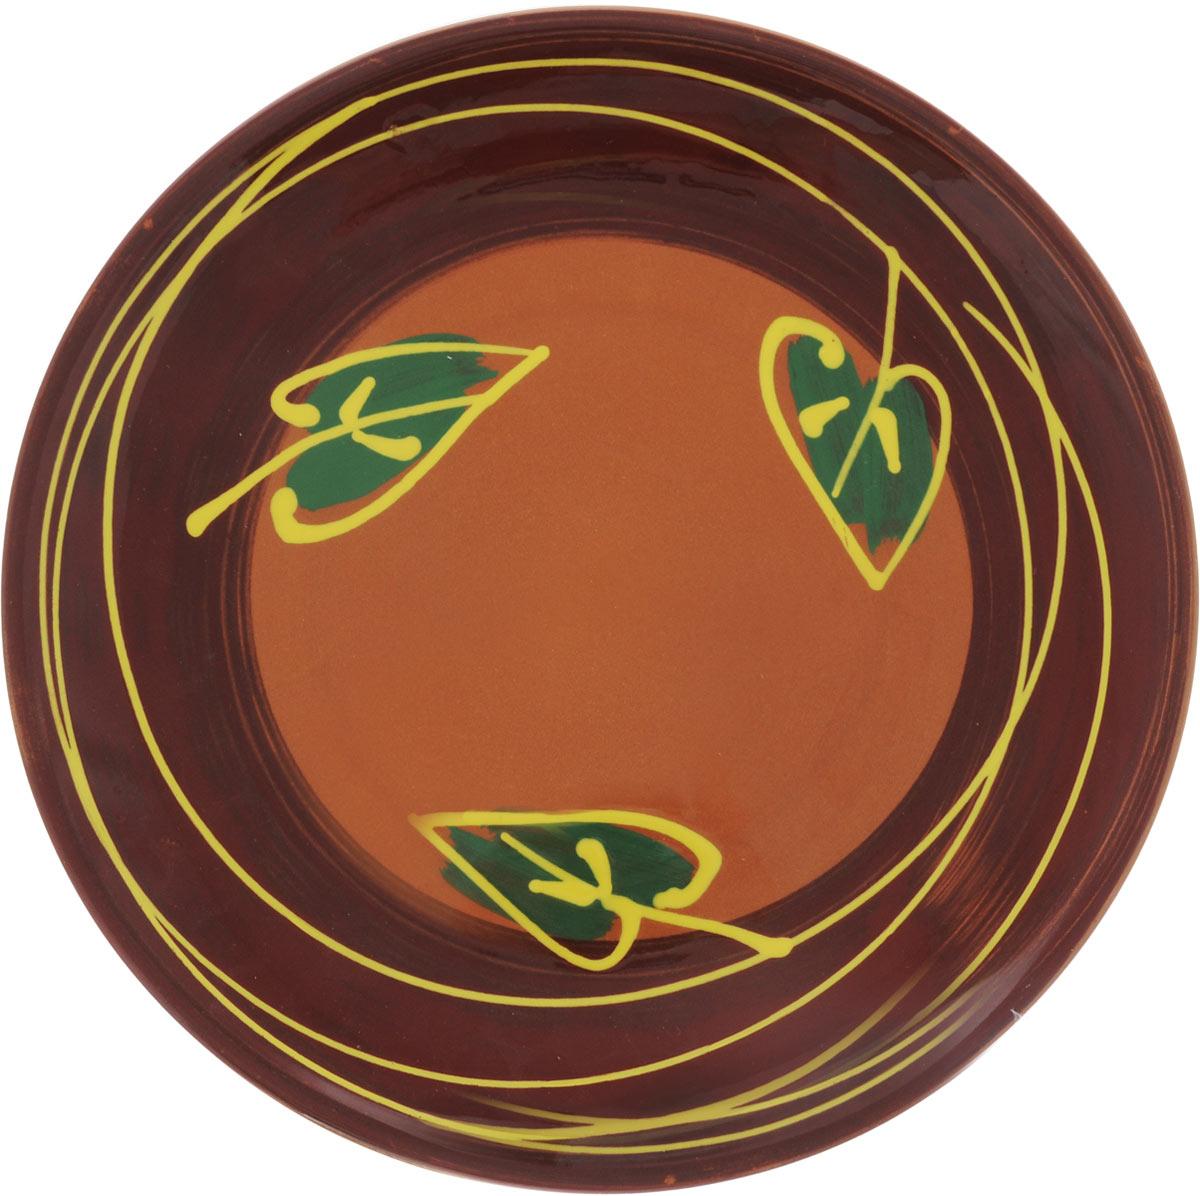 Тарелка Борисовская керамика Cтандарт, диаметр 22,5 см115510Тарелка Борисовская керамика Cтандарт выполнена из высококачественной керамики с покрытием пищевой глазурью. Изделие отлично подходит для подачи вторых блюд, сервировки нарезок, закусок, овощей и фруктов. Такая тарелка отлично подойдет для повседневного использования. Она прекрасно впишется в интерьер вашей кухни. Посуда термостойкая, можно использовать в духовке и в микроволновой печи. Диаметр тарелки (по верхнему краю): 22,5 см. Высота стенки: 2,5 см.